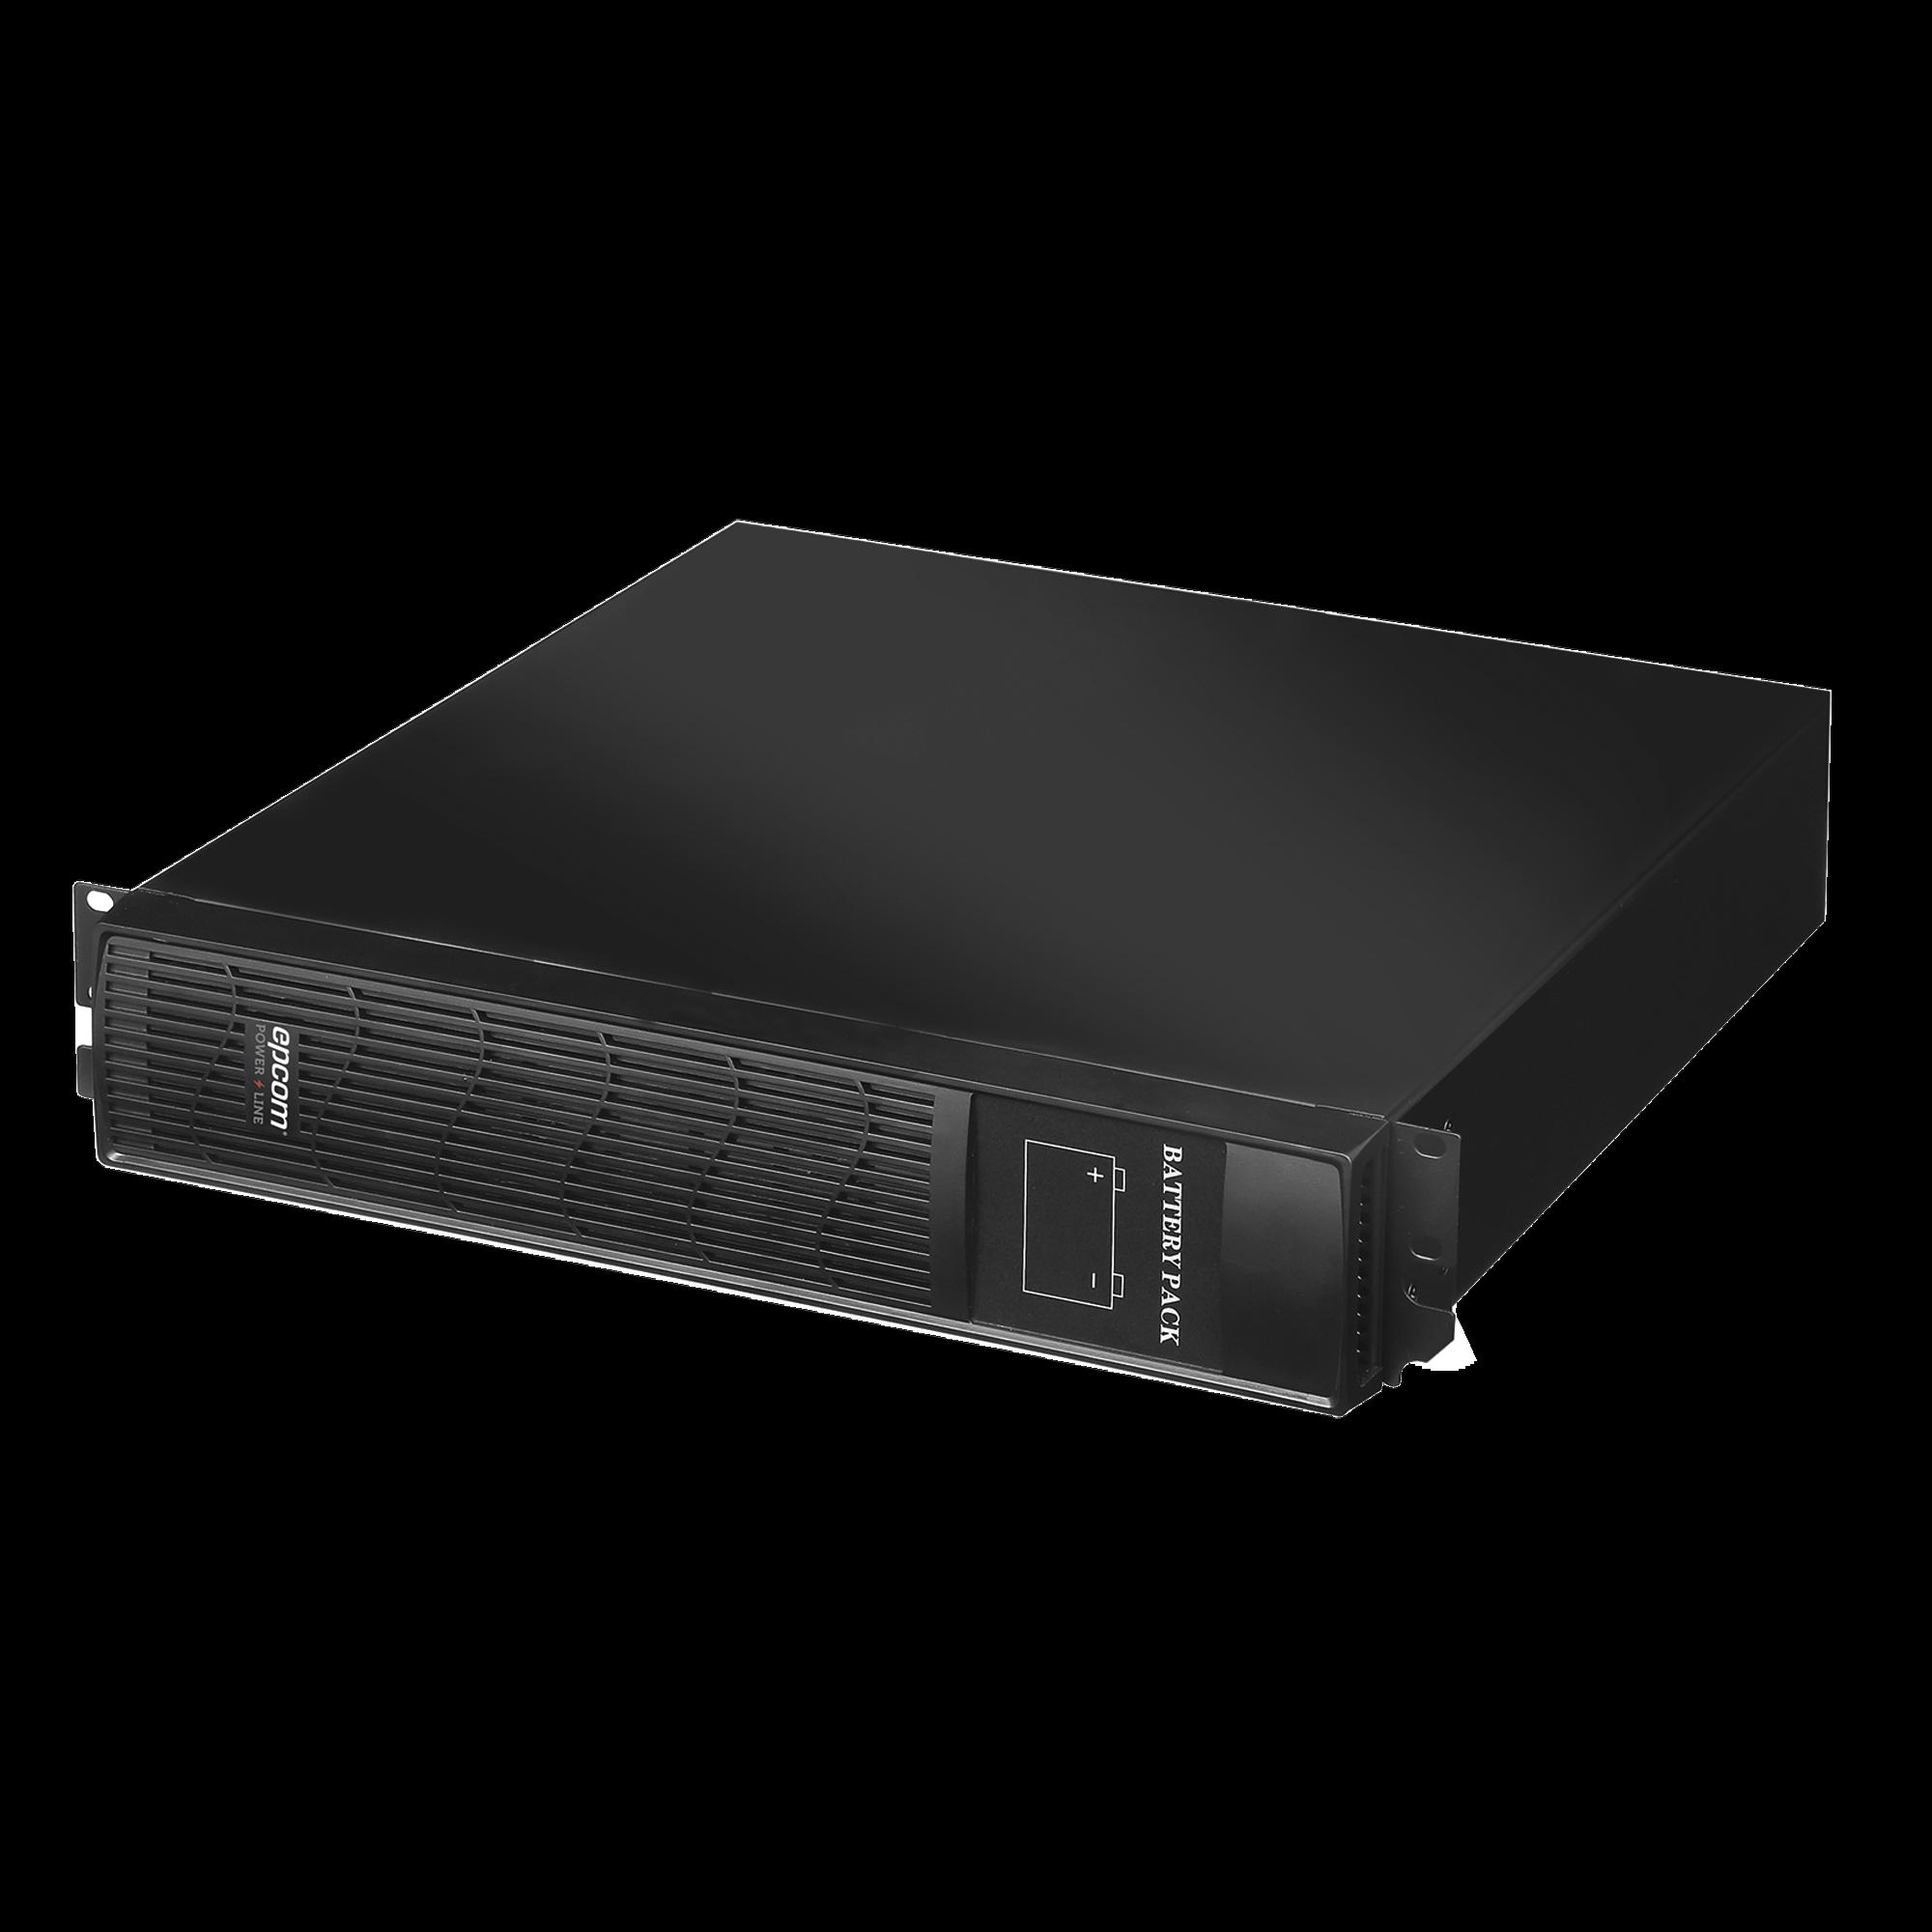 Módulo de baterías externo para aumentar el tiempo de respaldo del UPS EPU2000RTOL2U